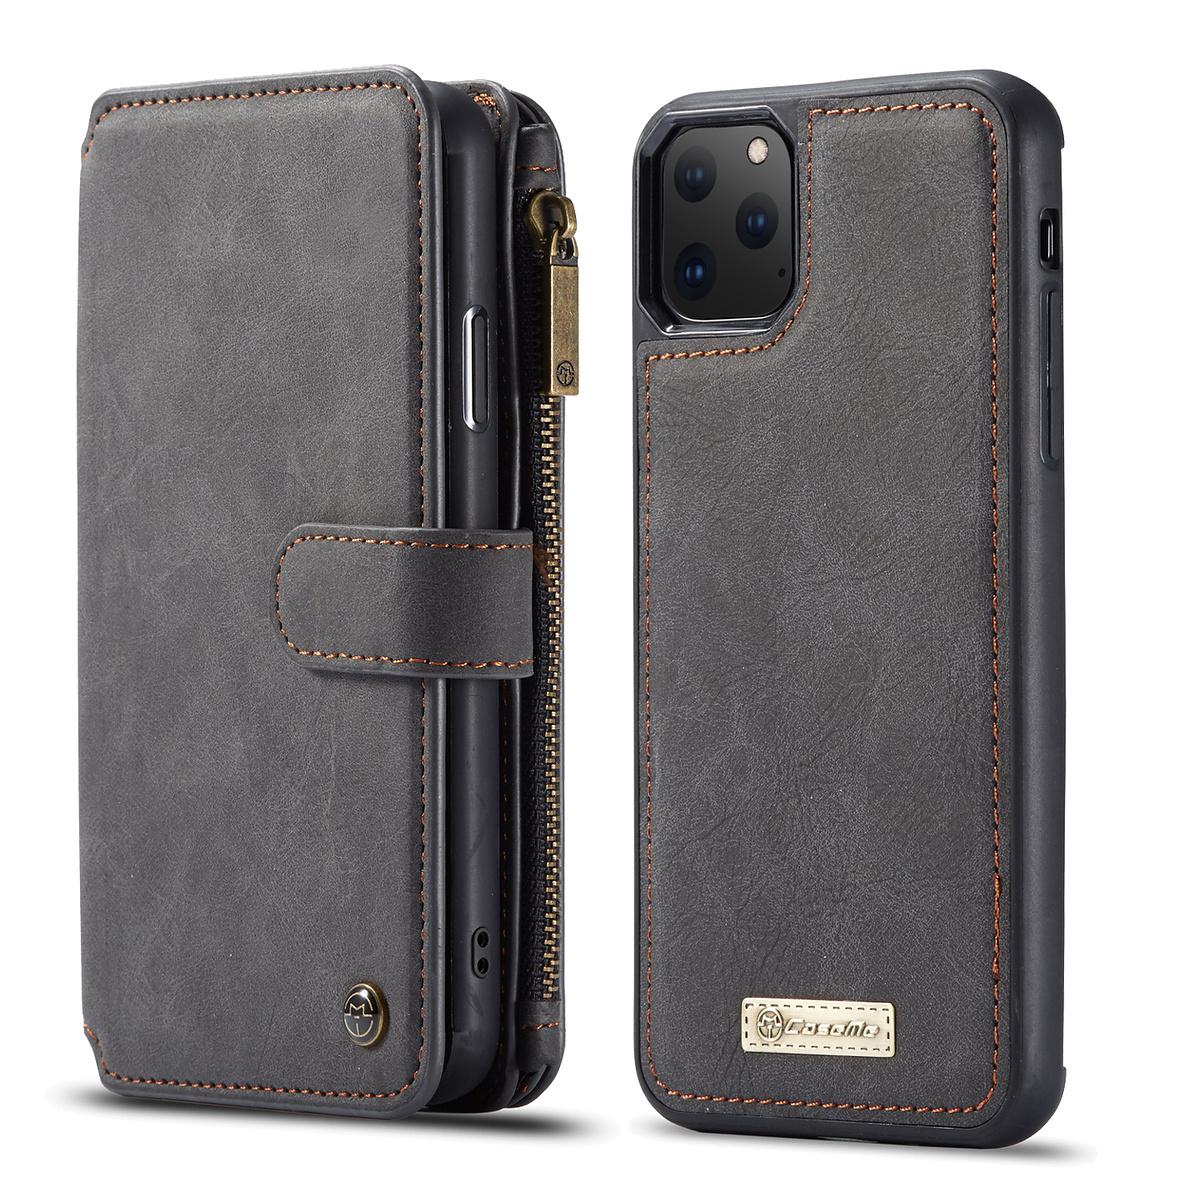 CaseMe plånboksfodral, magnetskal, iPhone 11 Pro Max, svart